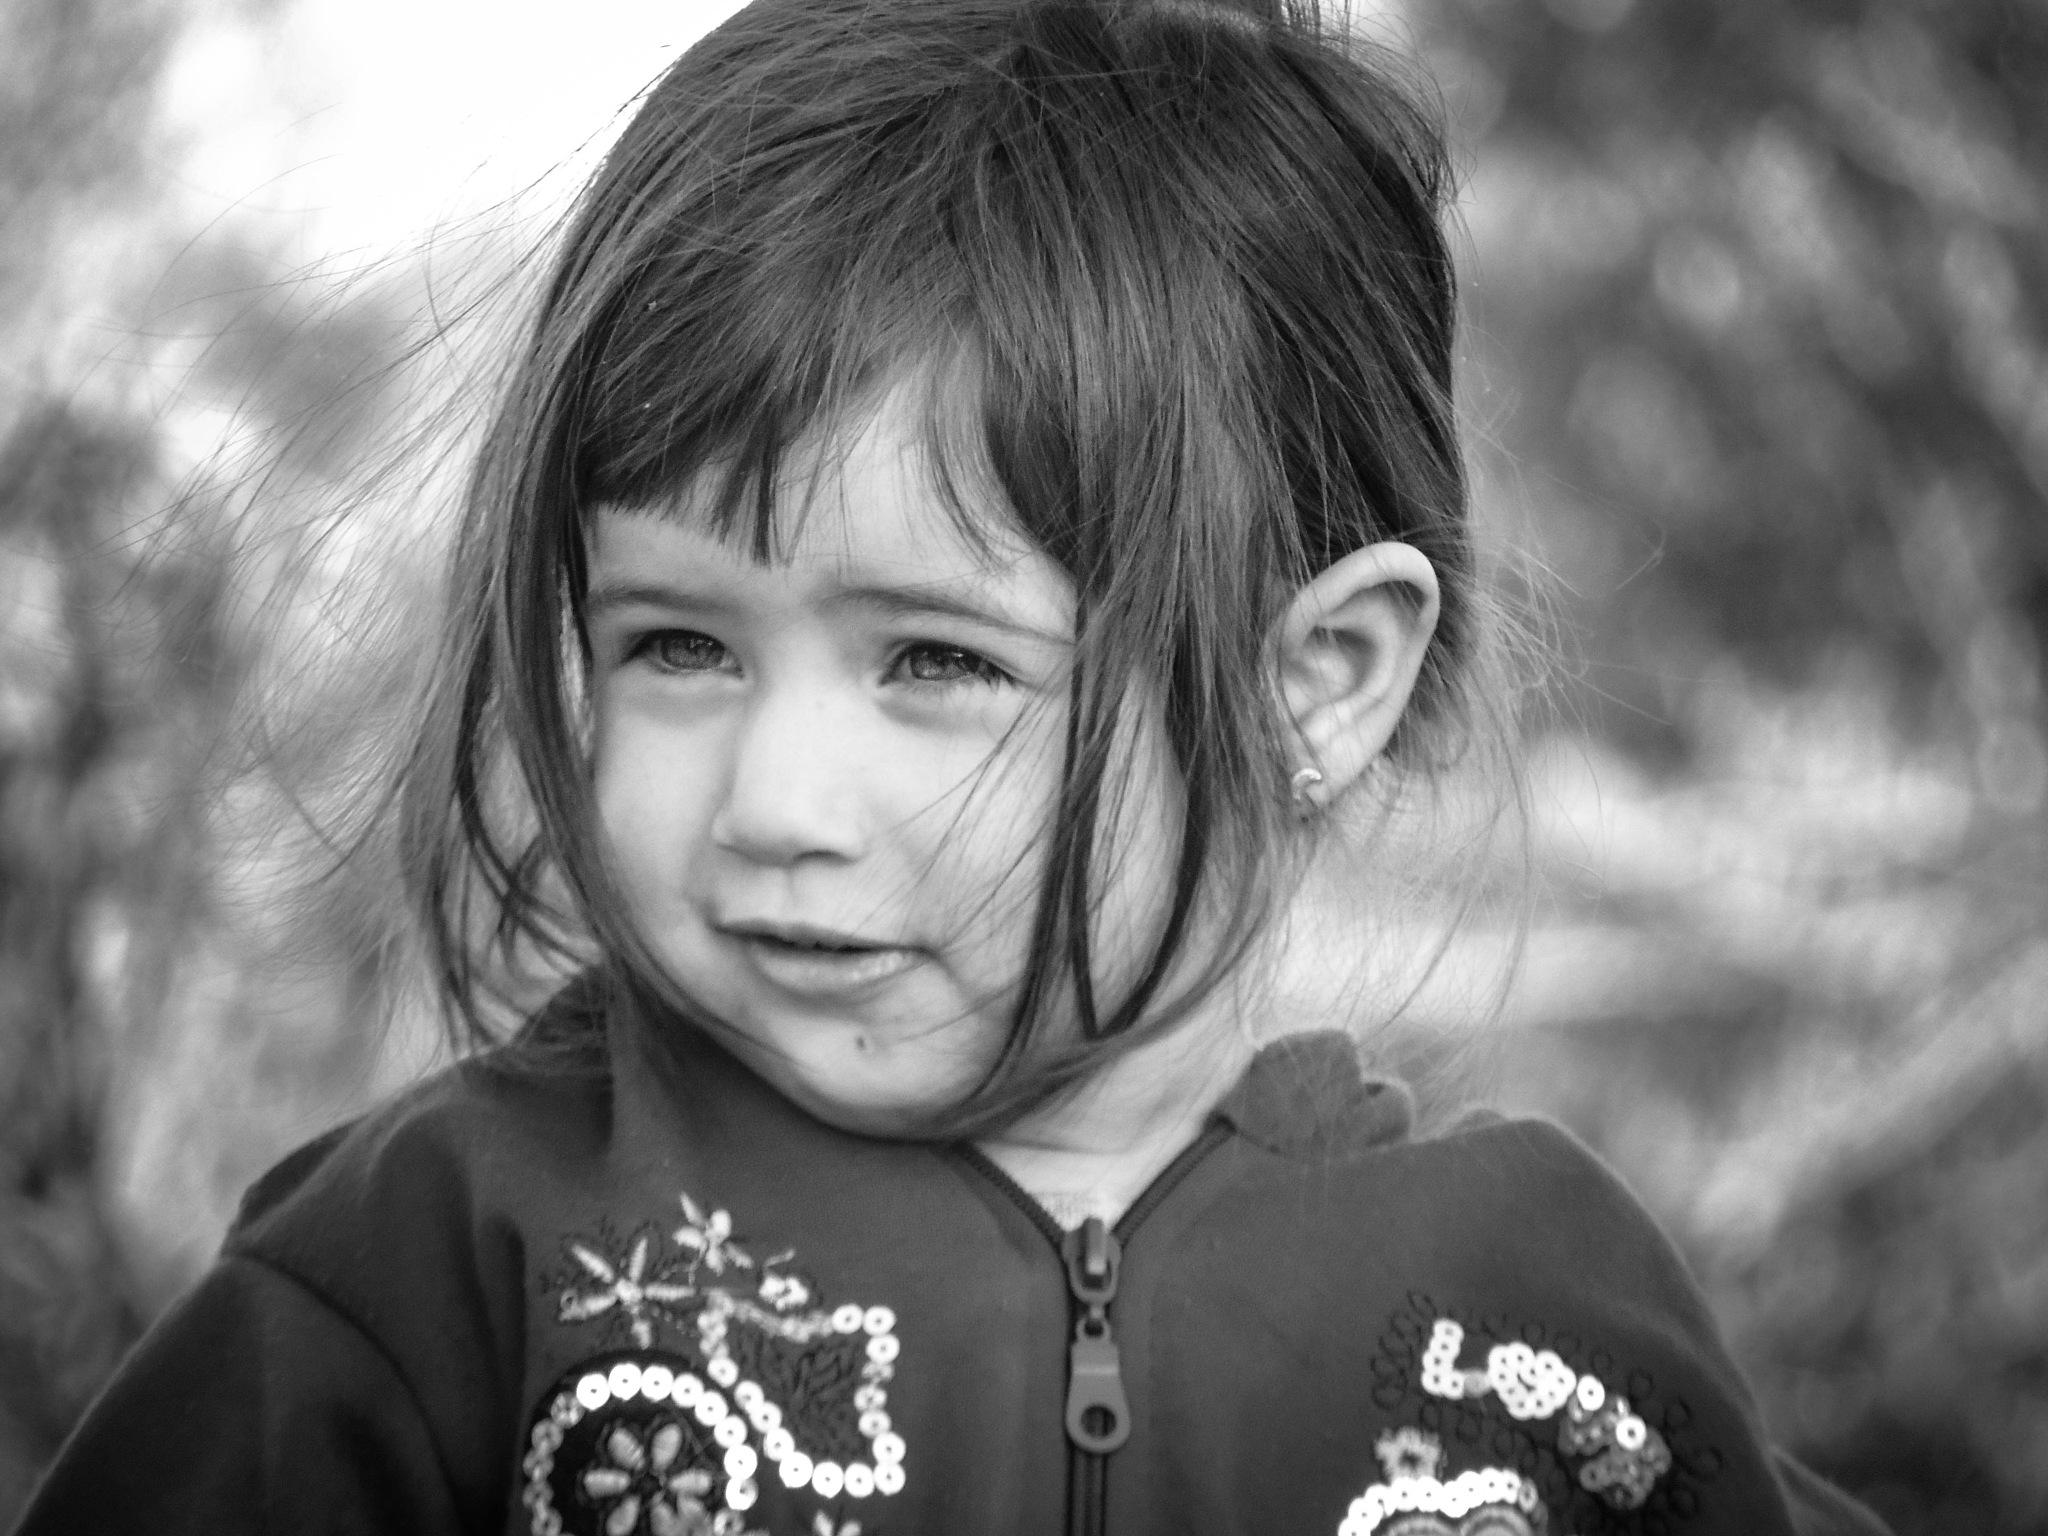 Cute girl  by Ayham Bash